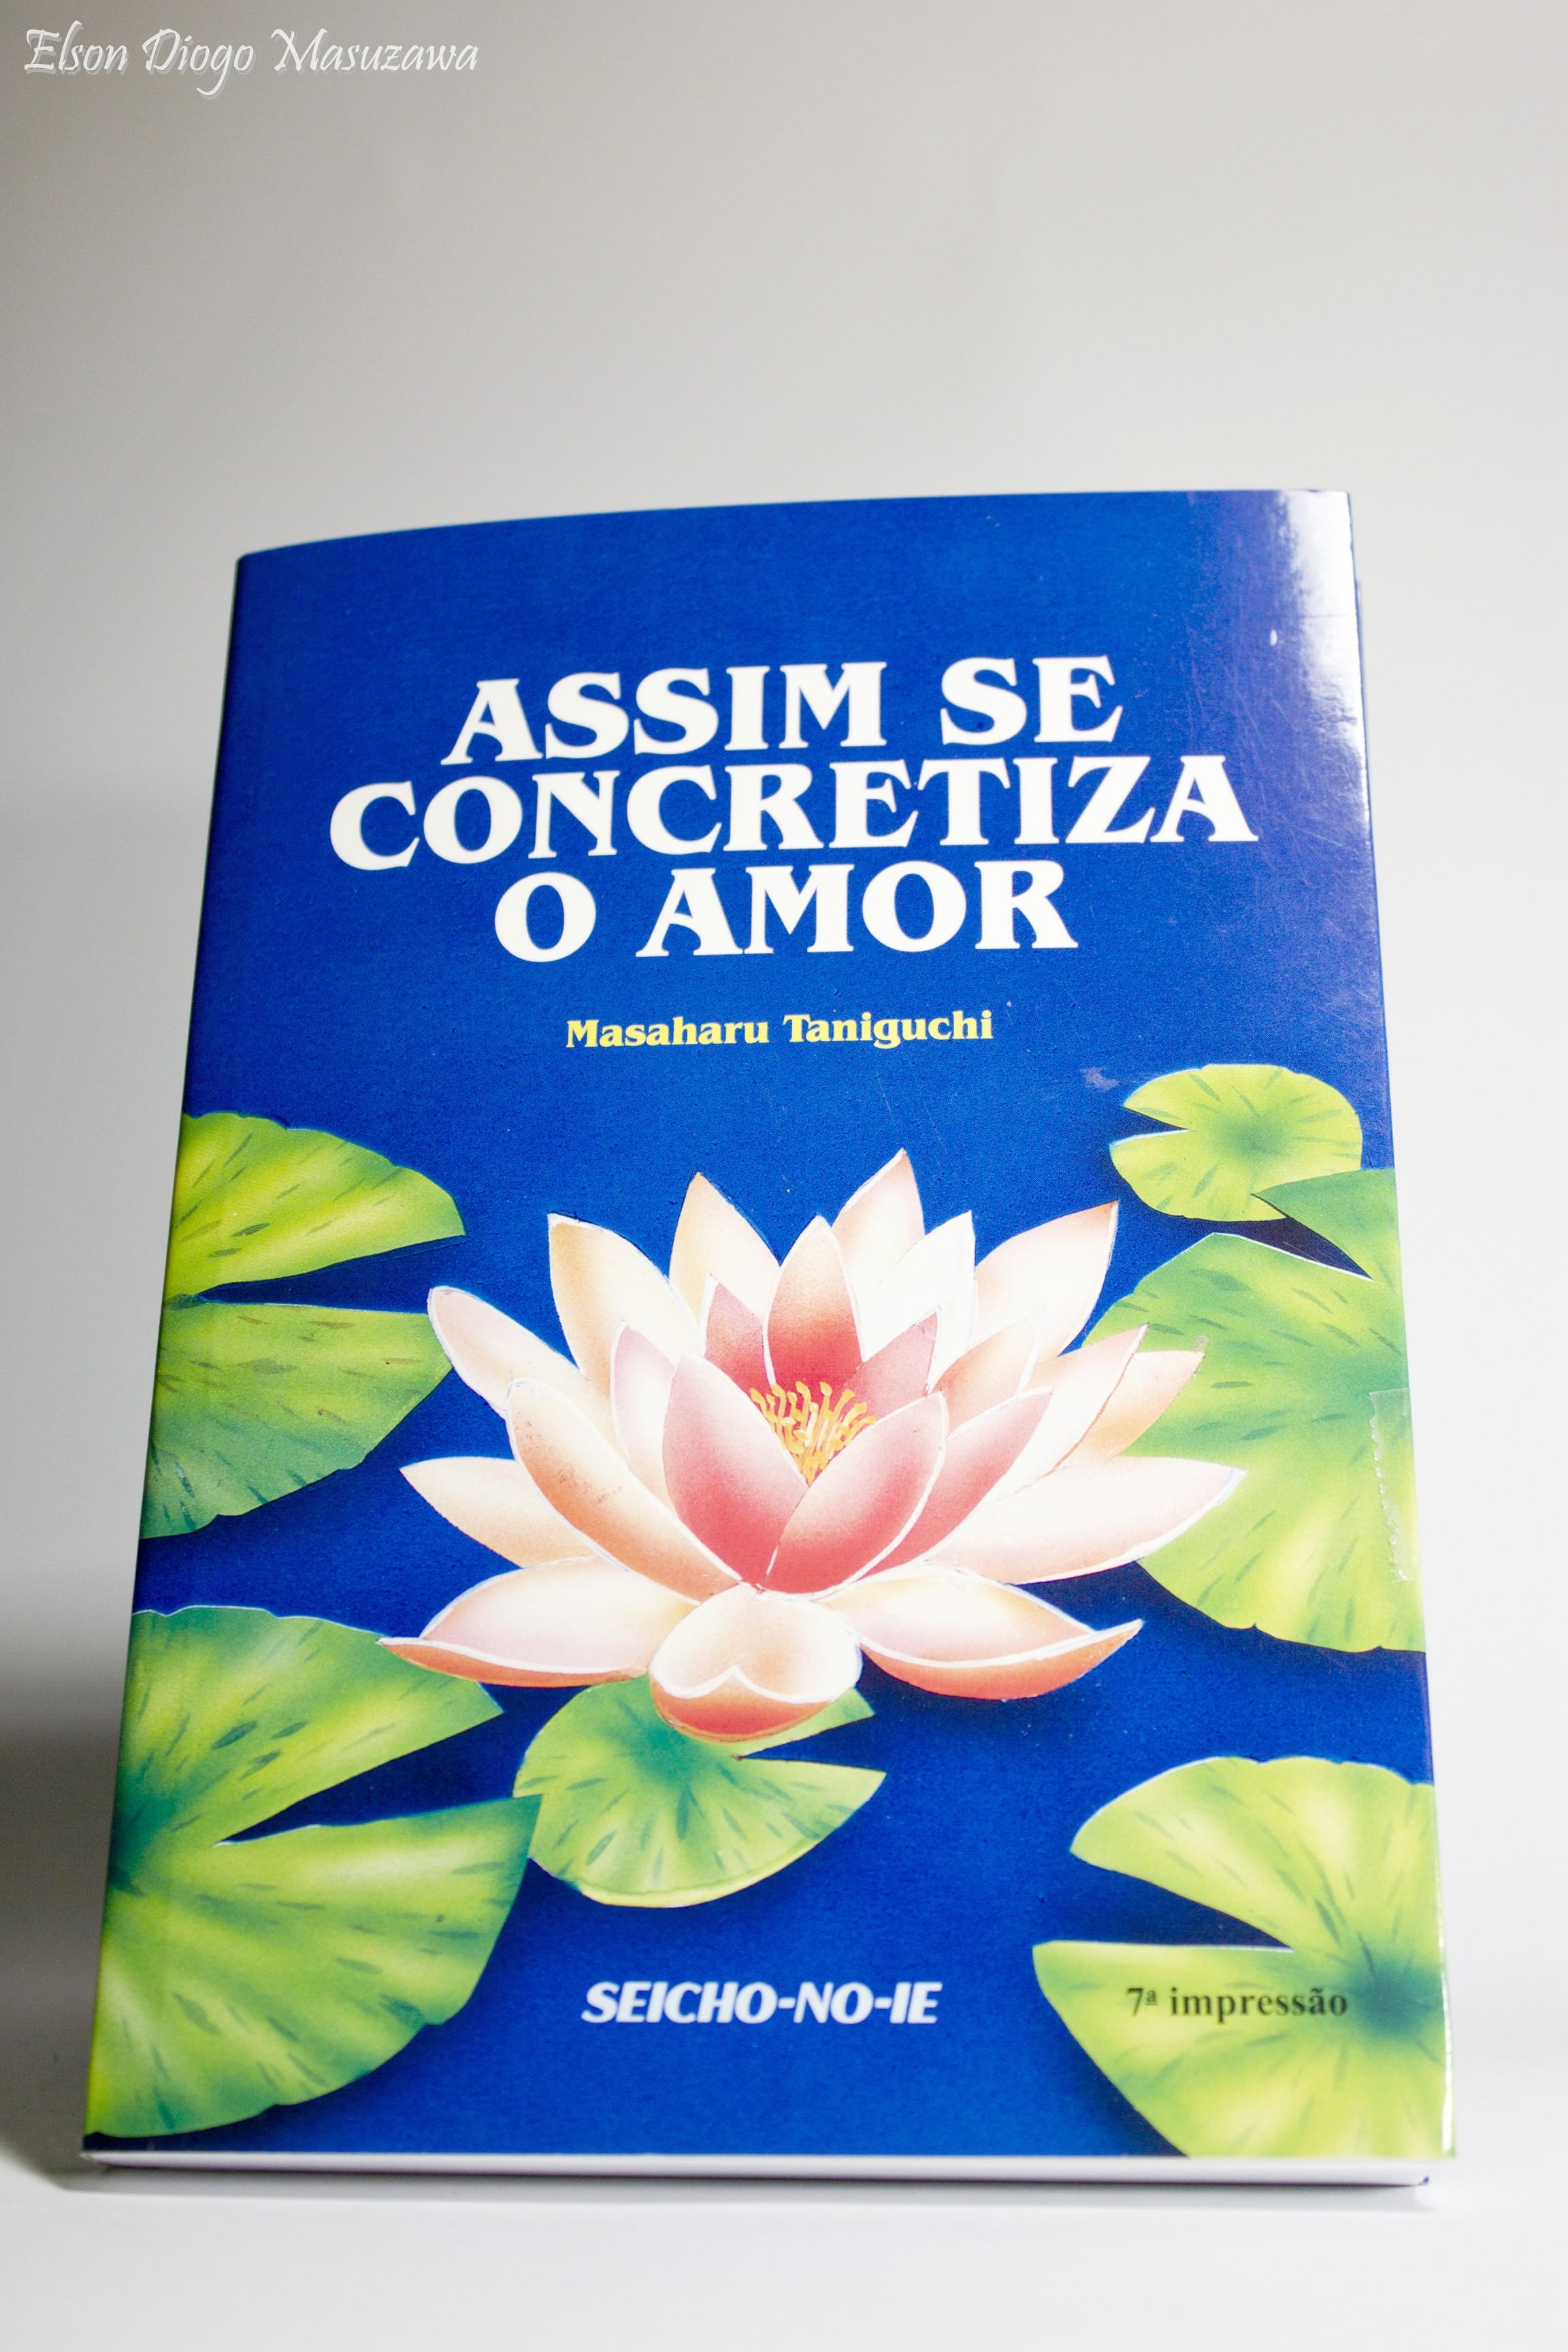 ASSIM SE CONCRETIZA O AMOR - Livro de Masaharu Taniguchi.